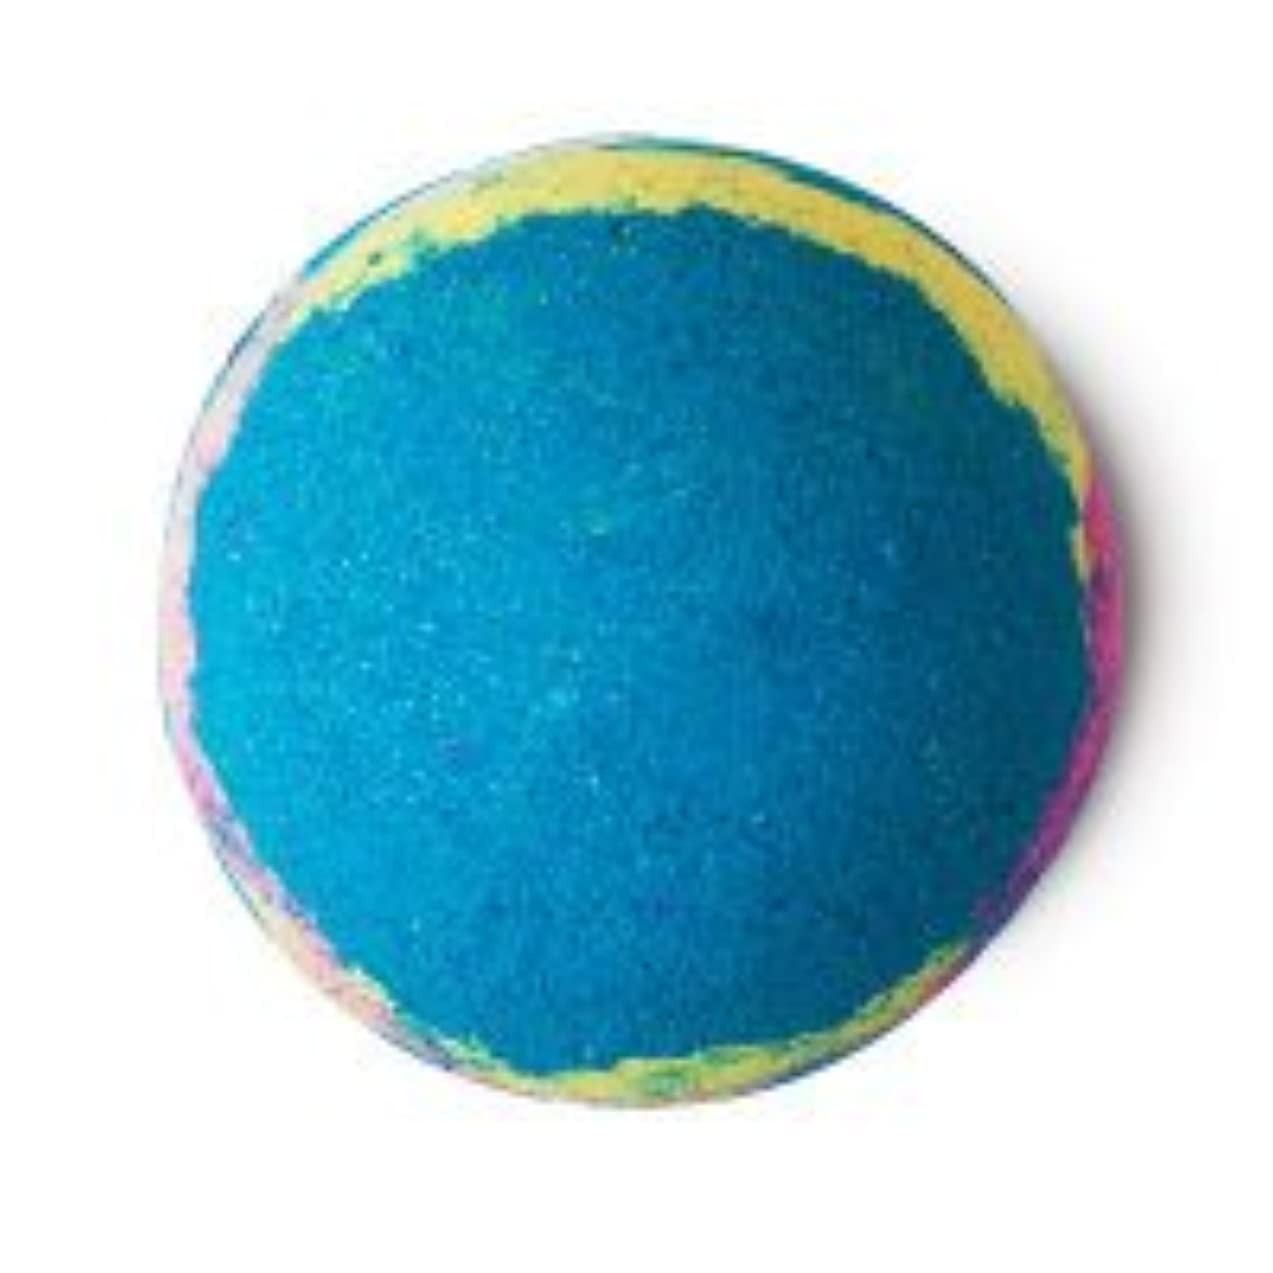 LUSH ラッシュ インターギャラクティック 200g バスボム 浴用 ペパーミント 入浴剤 マンダリン 自然派化粧品 天然成分 Intergalactic 入浴剤 ギフト